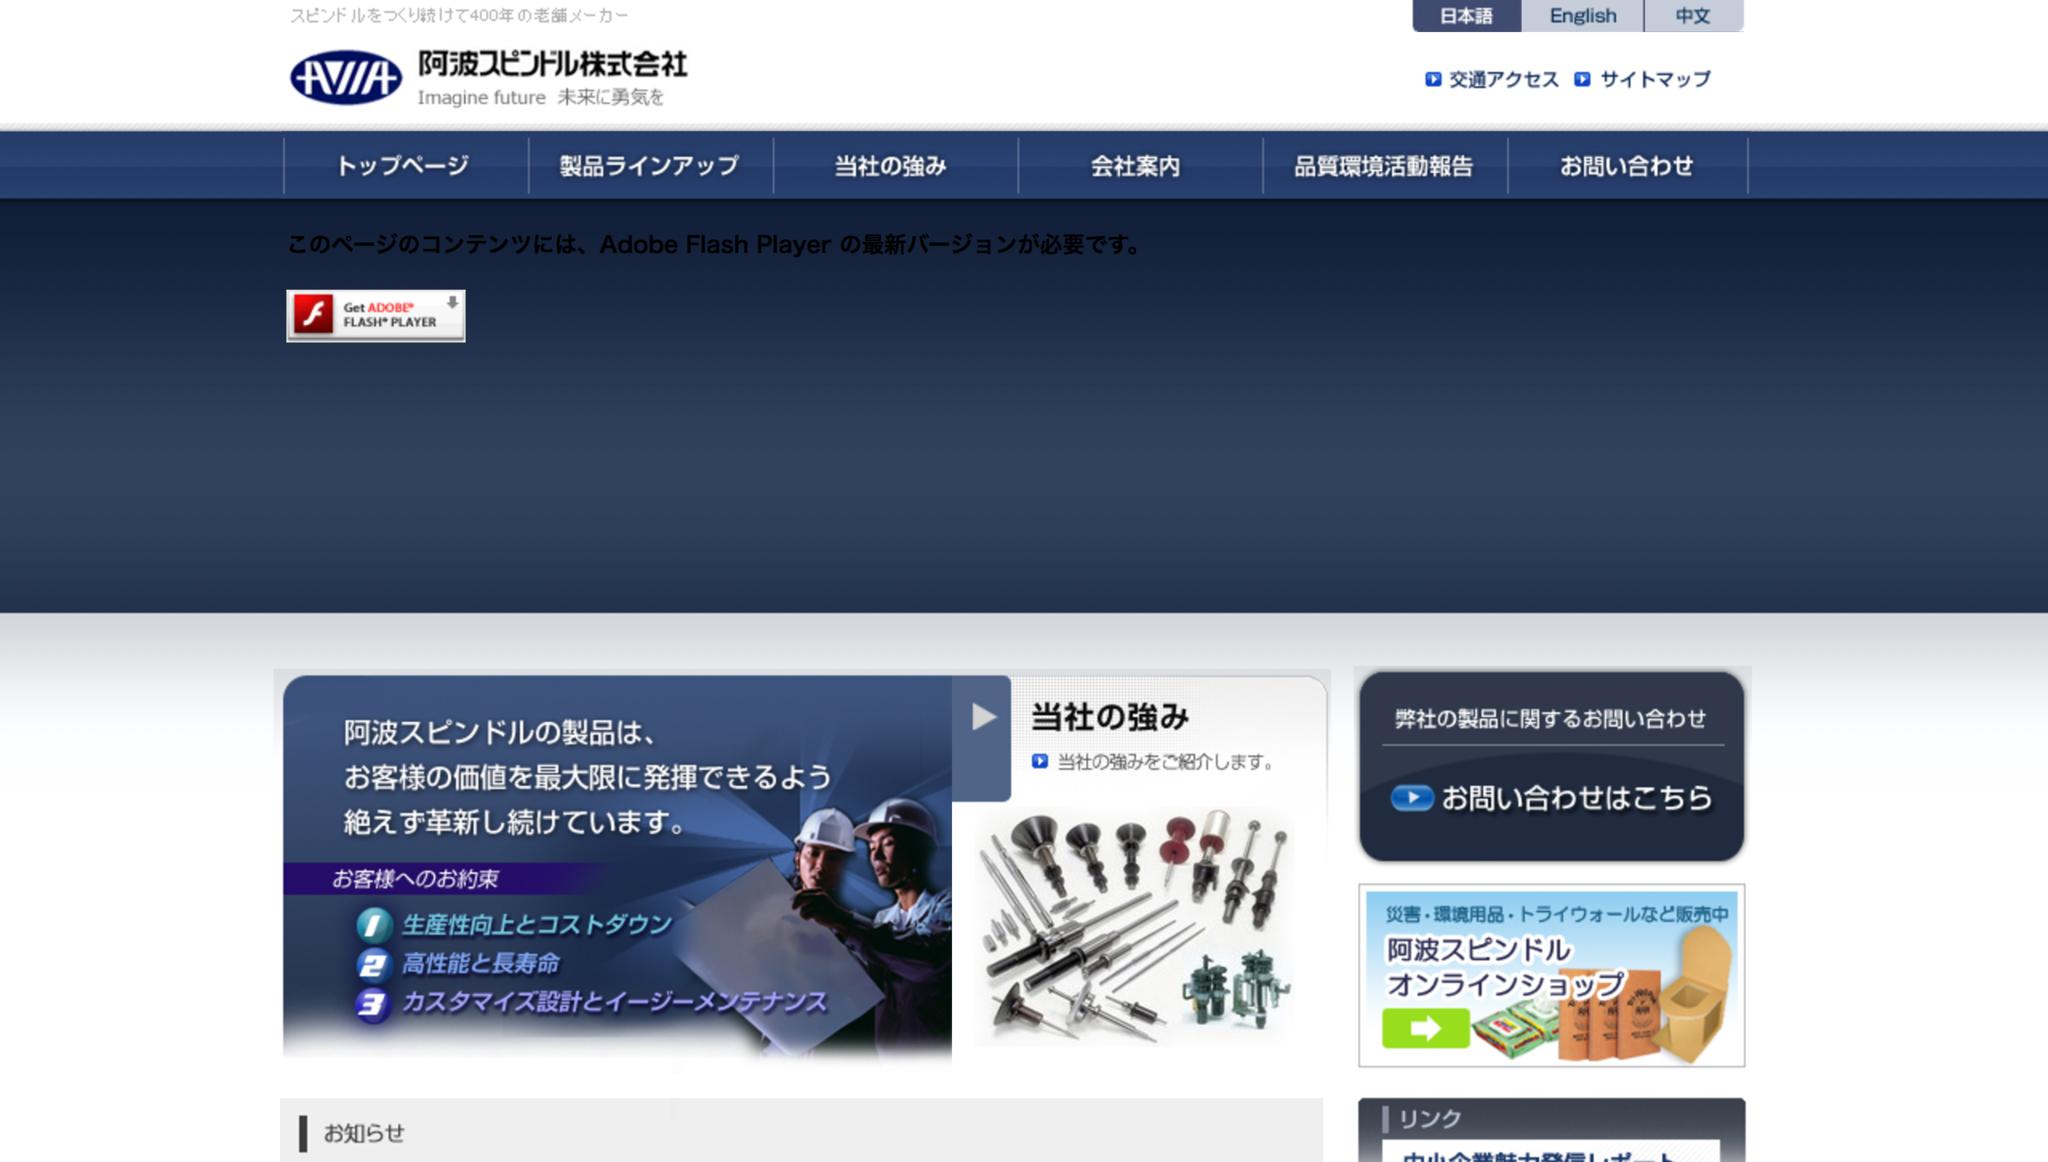 阿波スピンドル株式会社.png